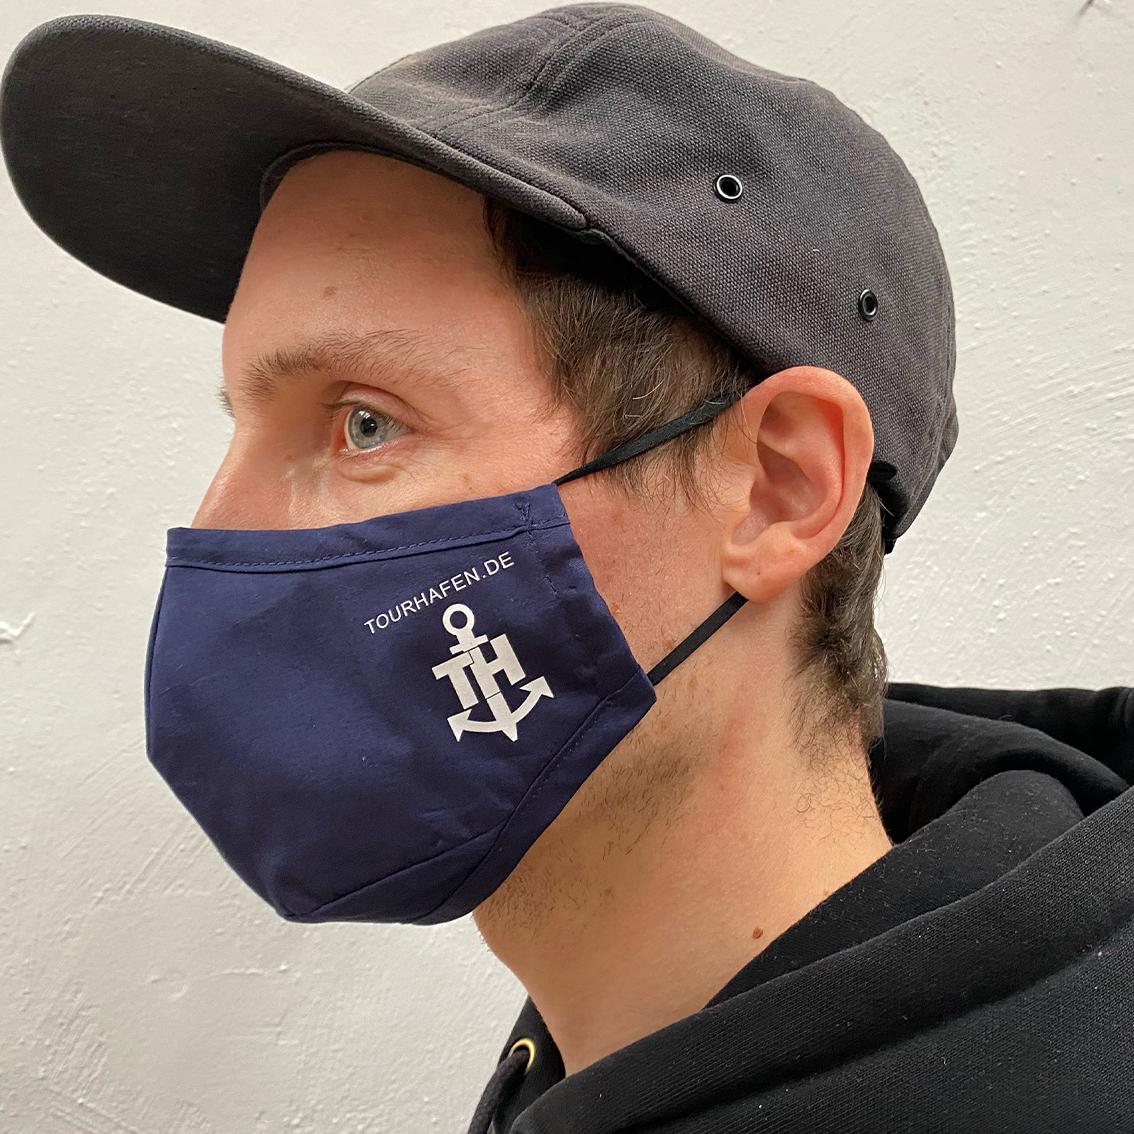 Tourhafen Tourhafen Facemask Face mask darkblue